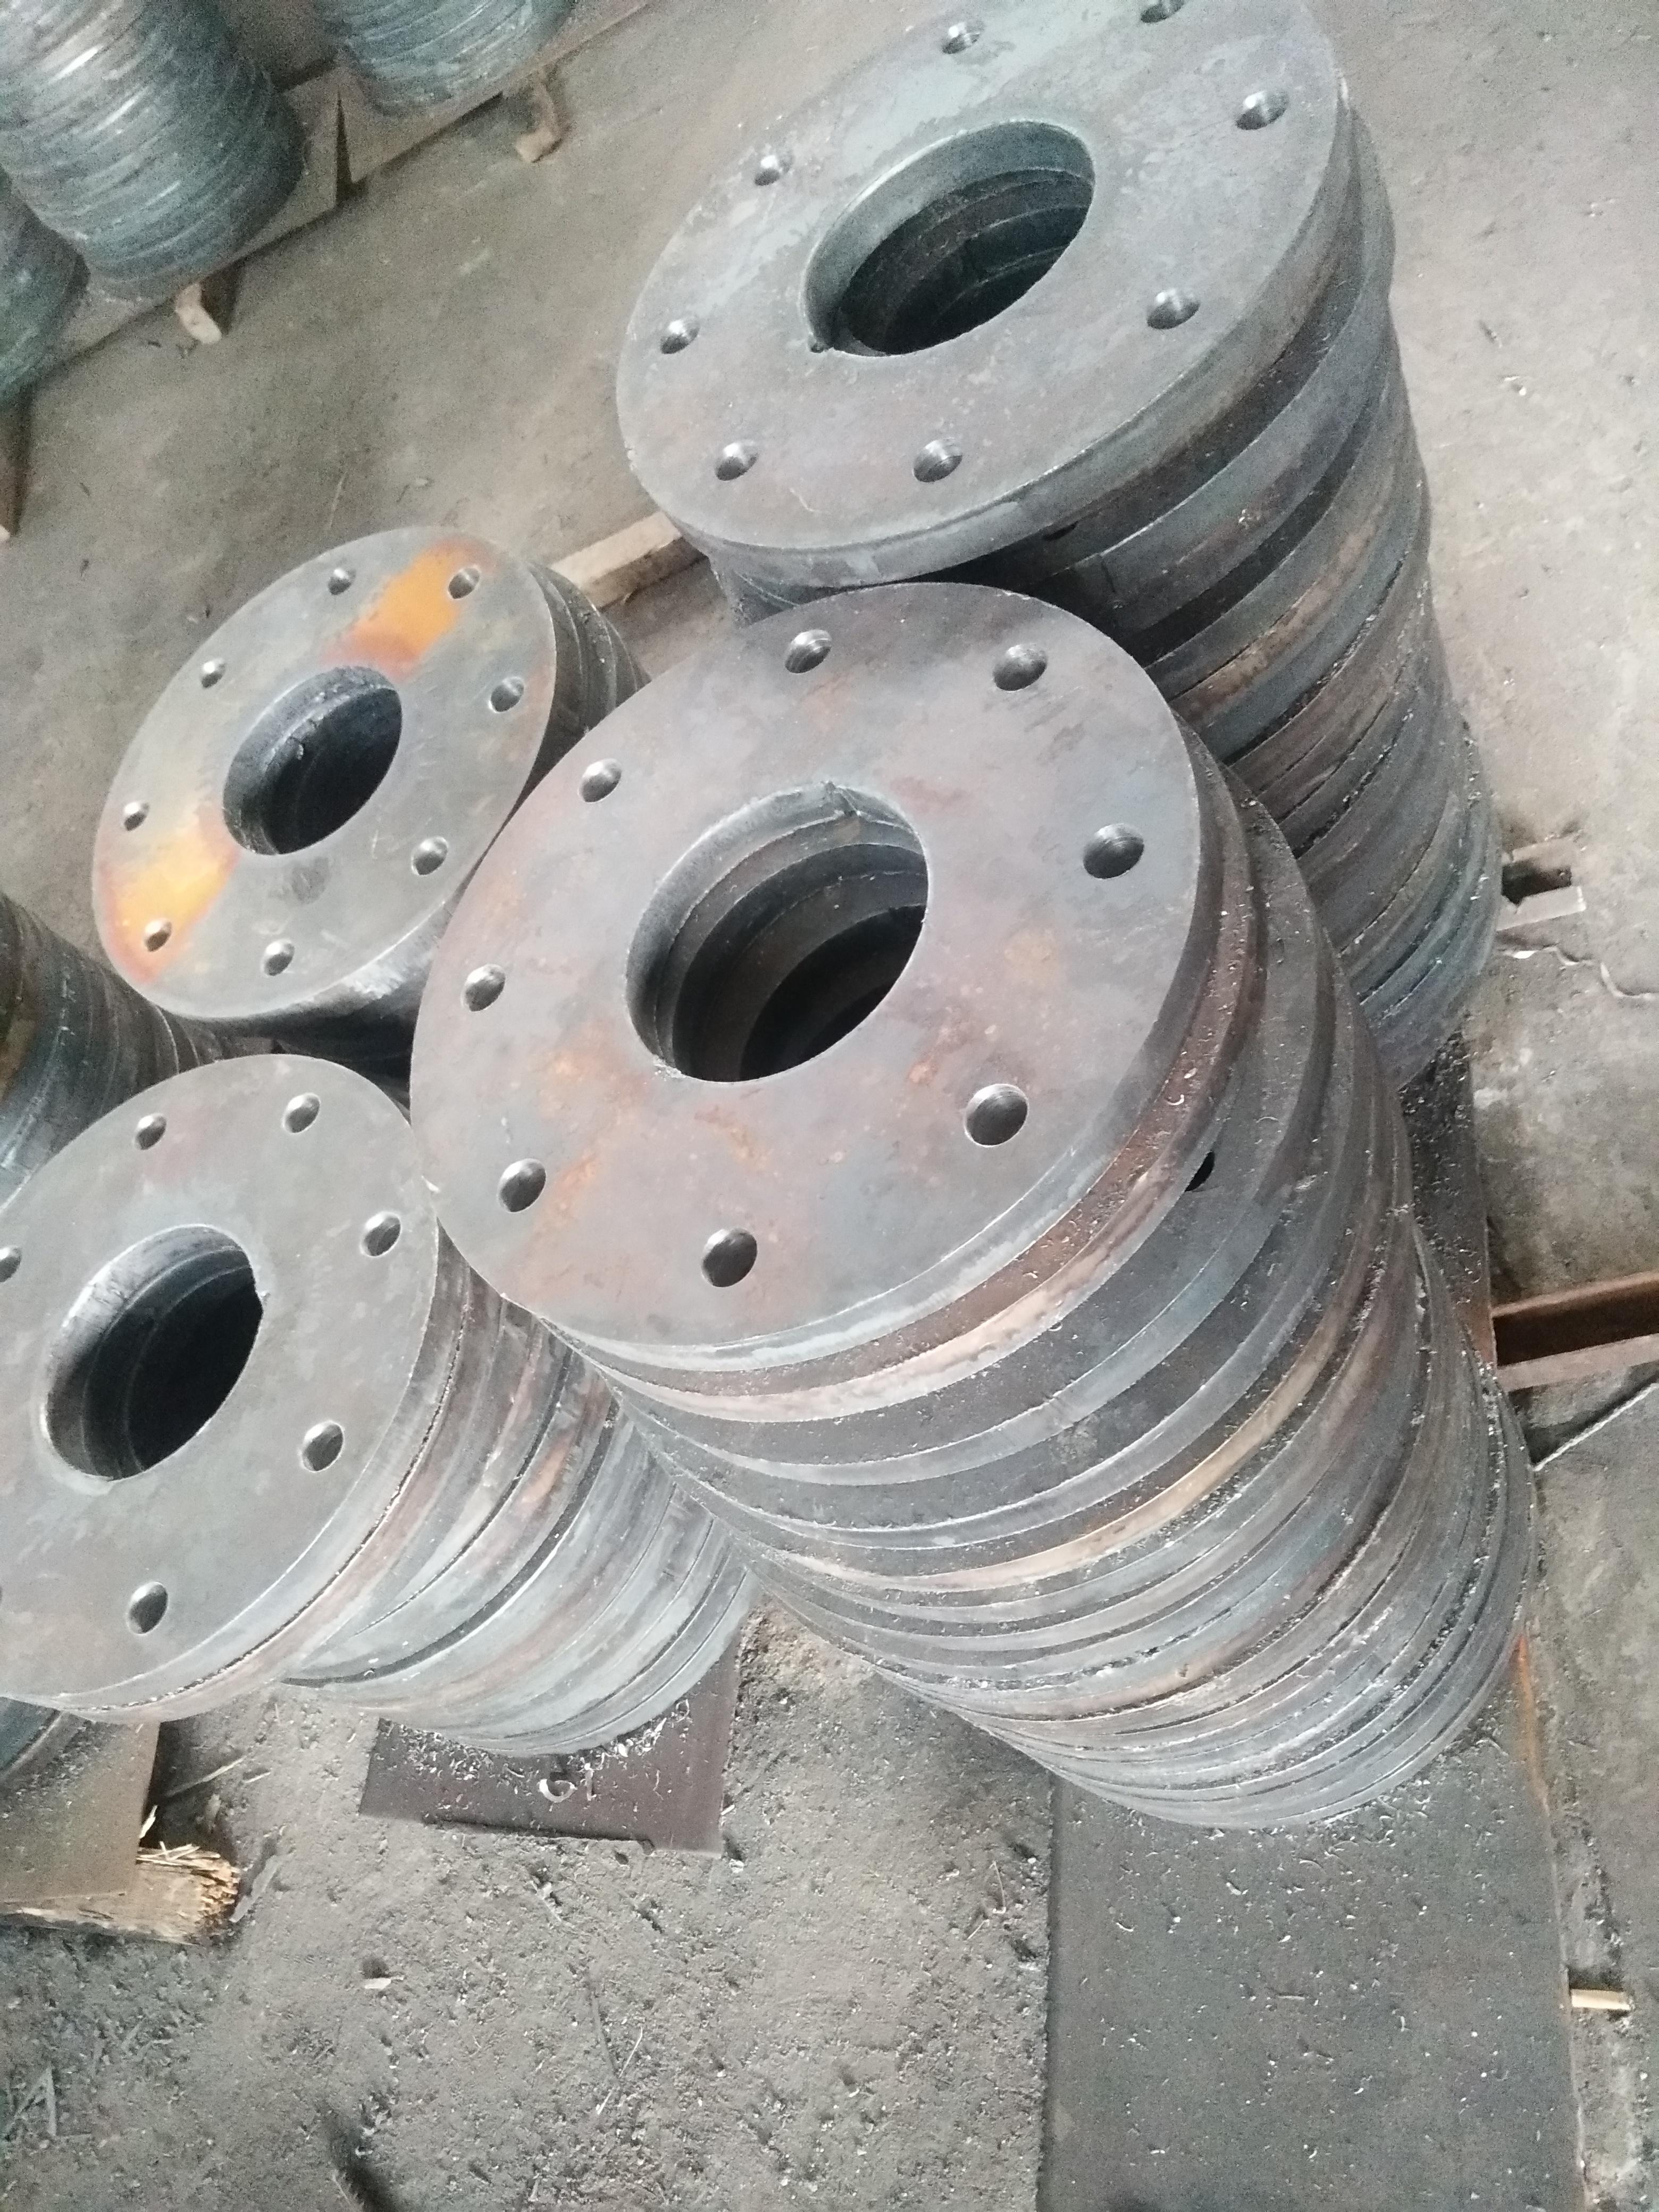 厂家生产 公路工程配件 预埋底座 连接法兰 加筋焊接 连接包箍等定制配件